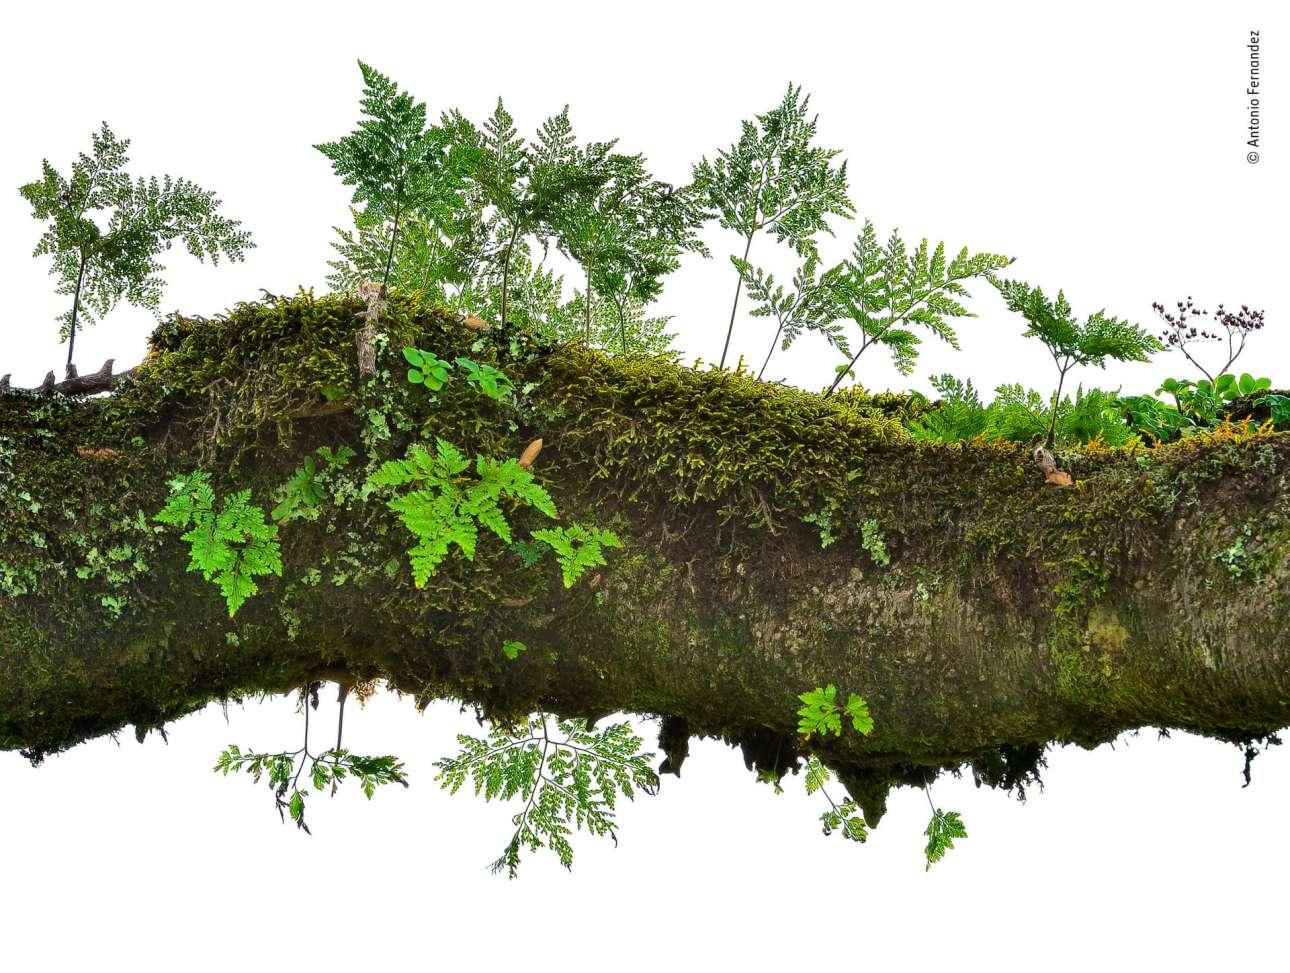 Κατηγορία «Φυτά και Μύκητες». Μέσα στην ομίχλη της Μαδέρα, ένα μικροσκοπικό «δάσος» φυτρώνει πάνω στο κλαδί ενός δέντρου